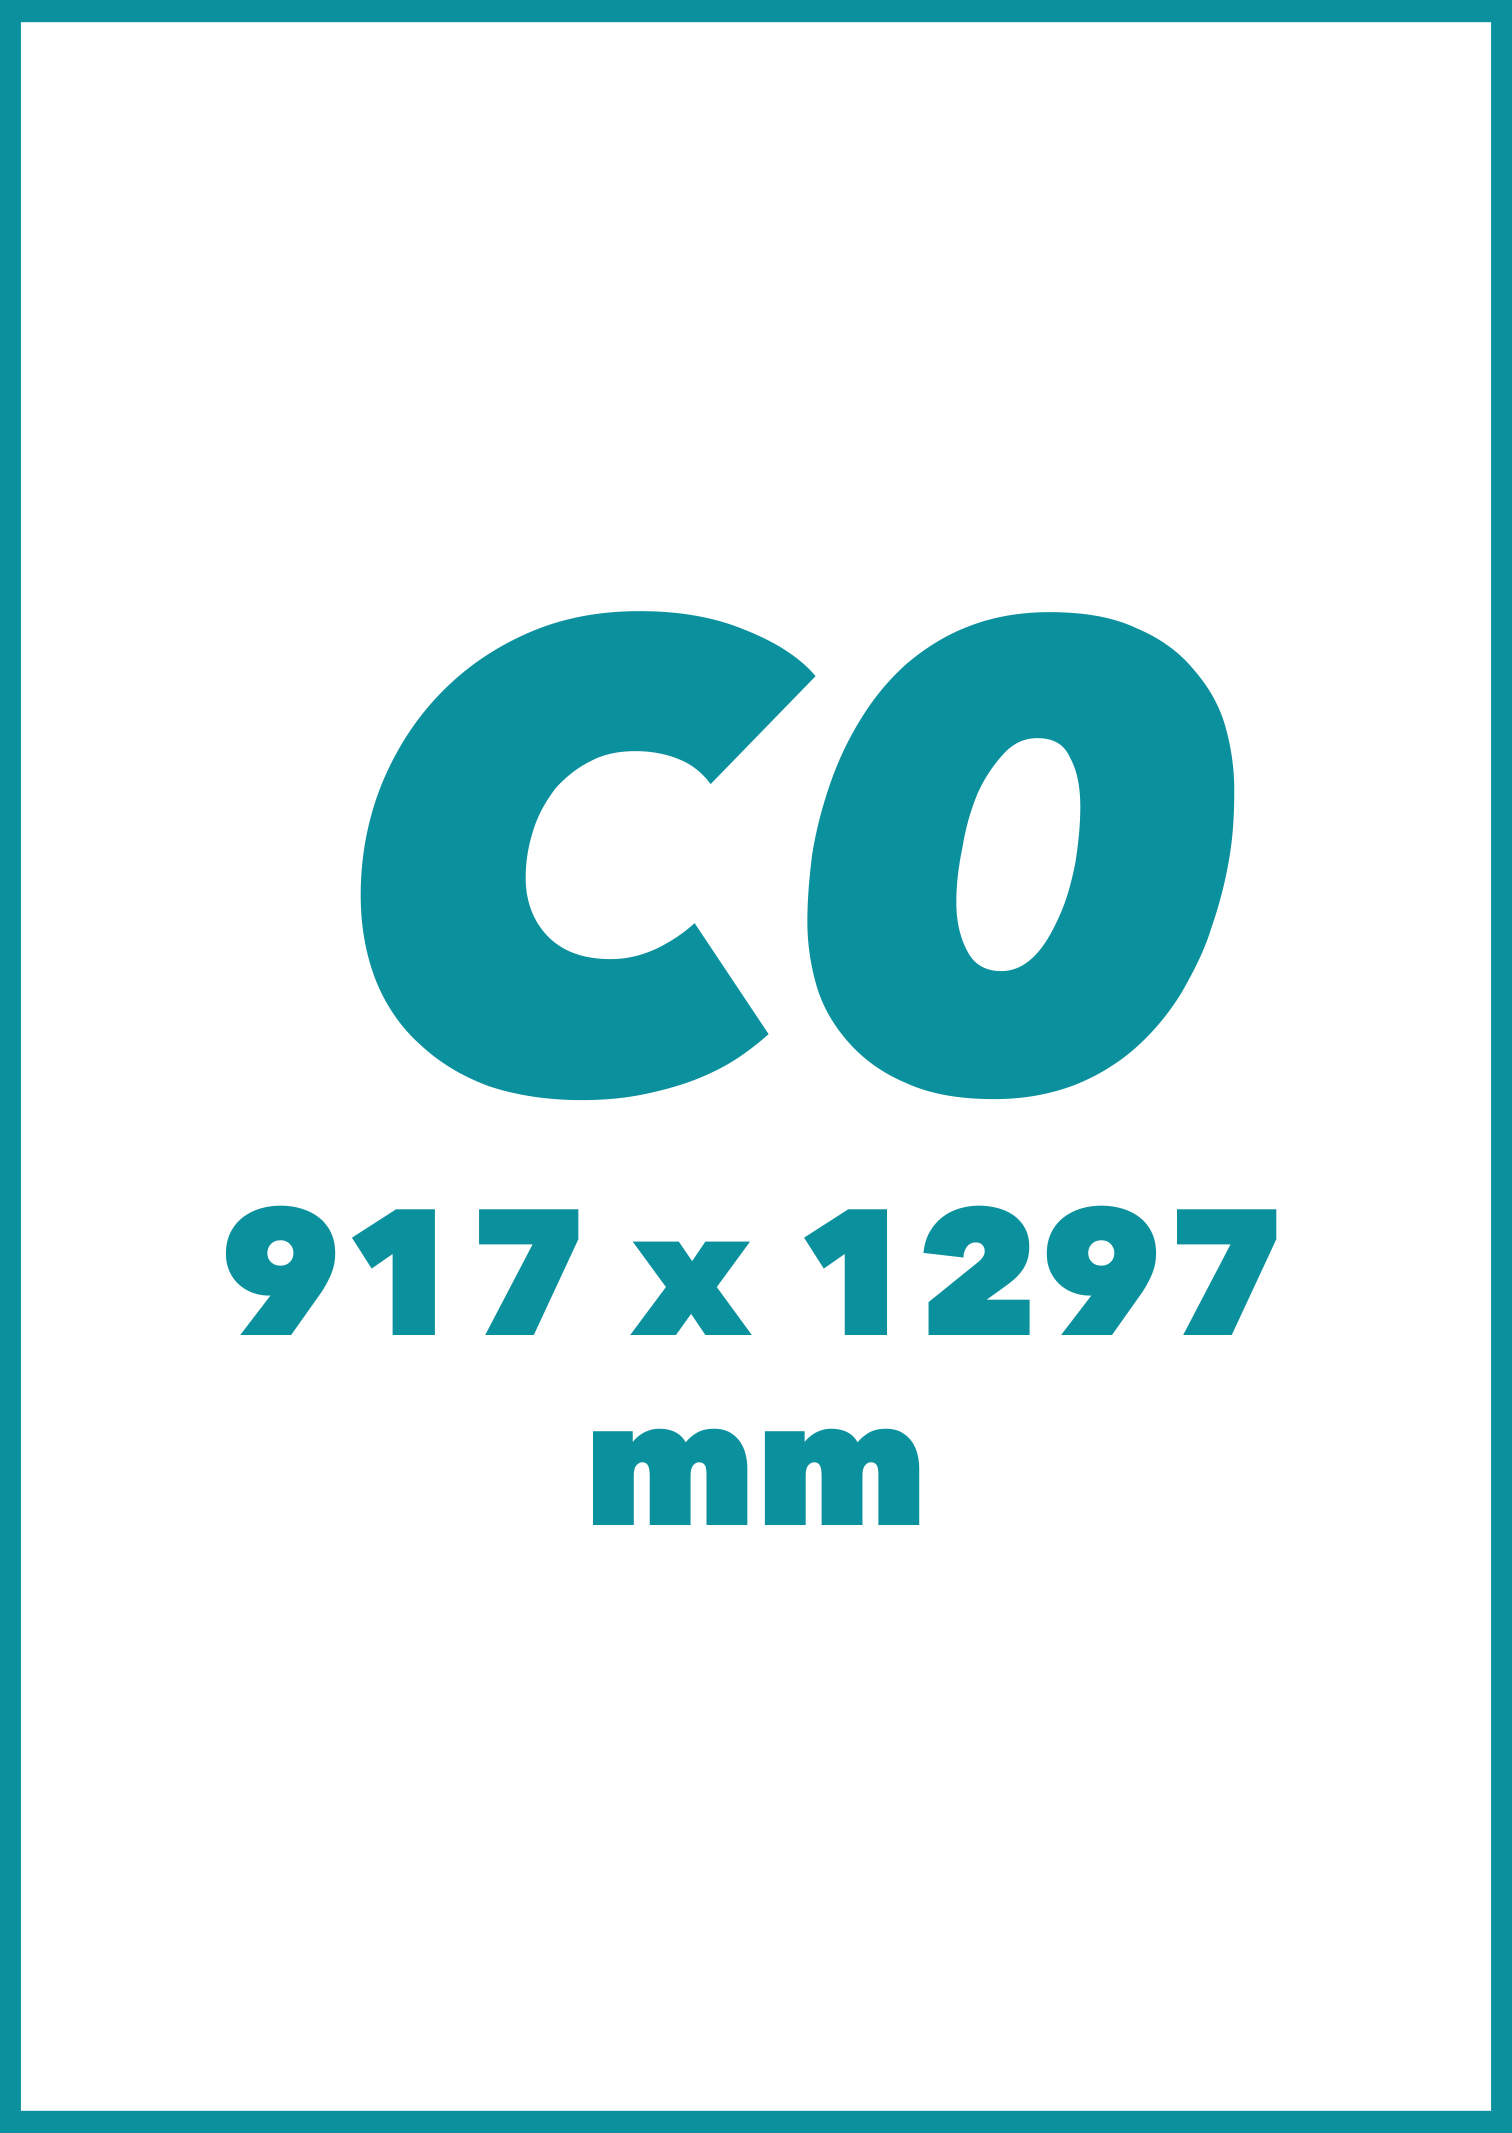 C0 Formatas